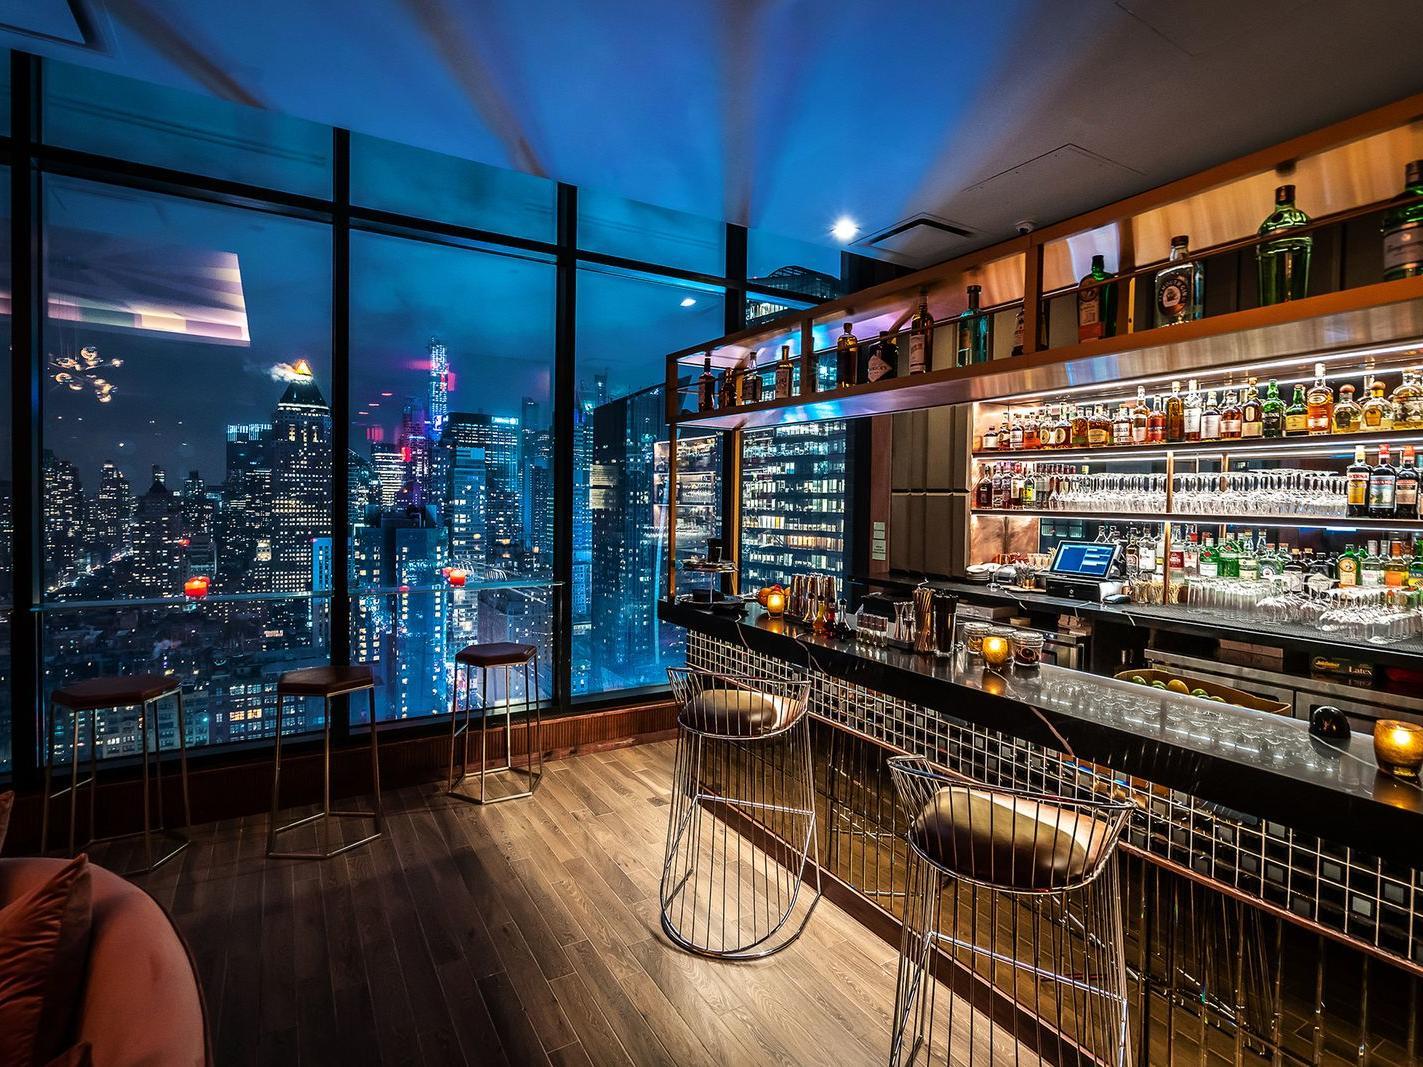 Bar with Manhattan skyline view.